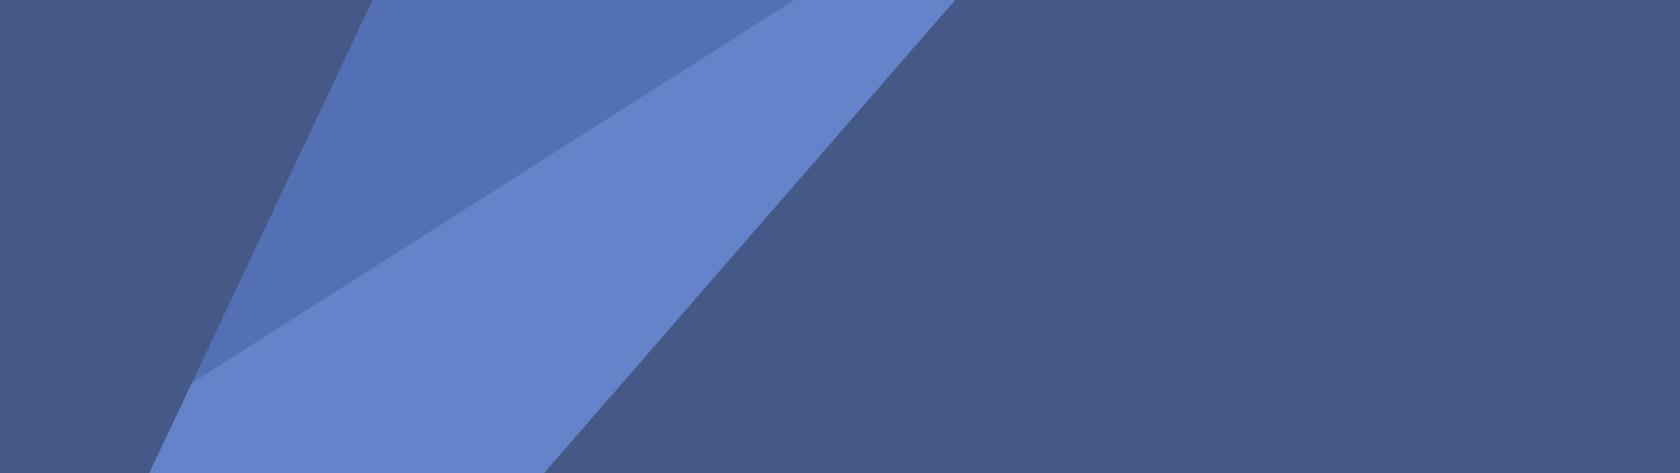 banner-6-bg-rev